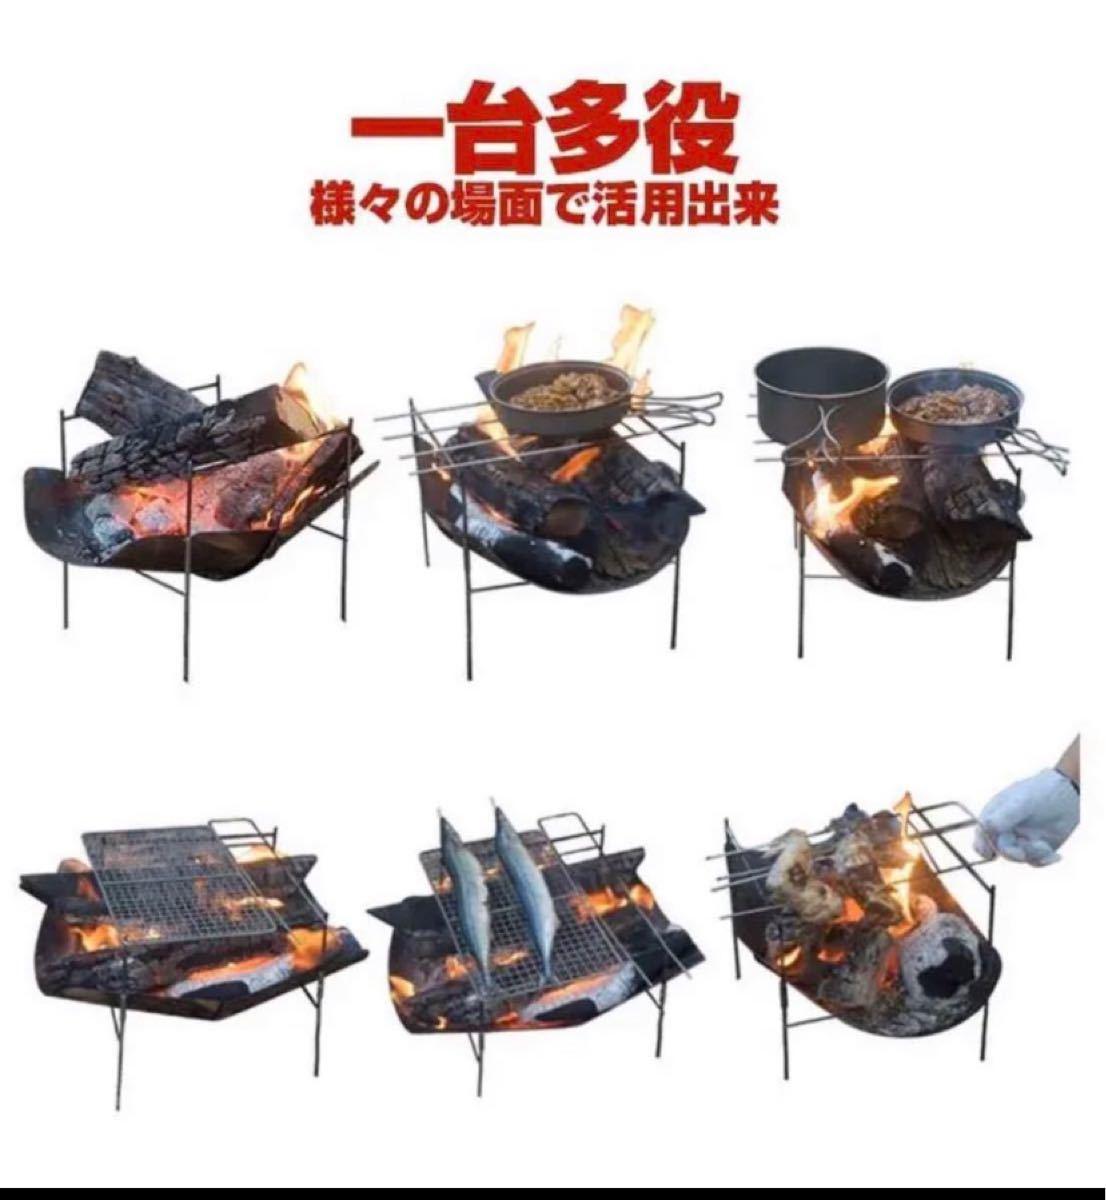 超軽量 焚き火台 バーベキューコンロ アウトドア キャンプ ソロツーリング